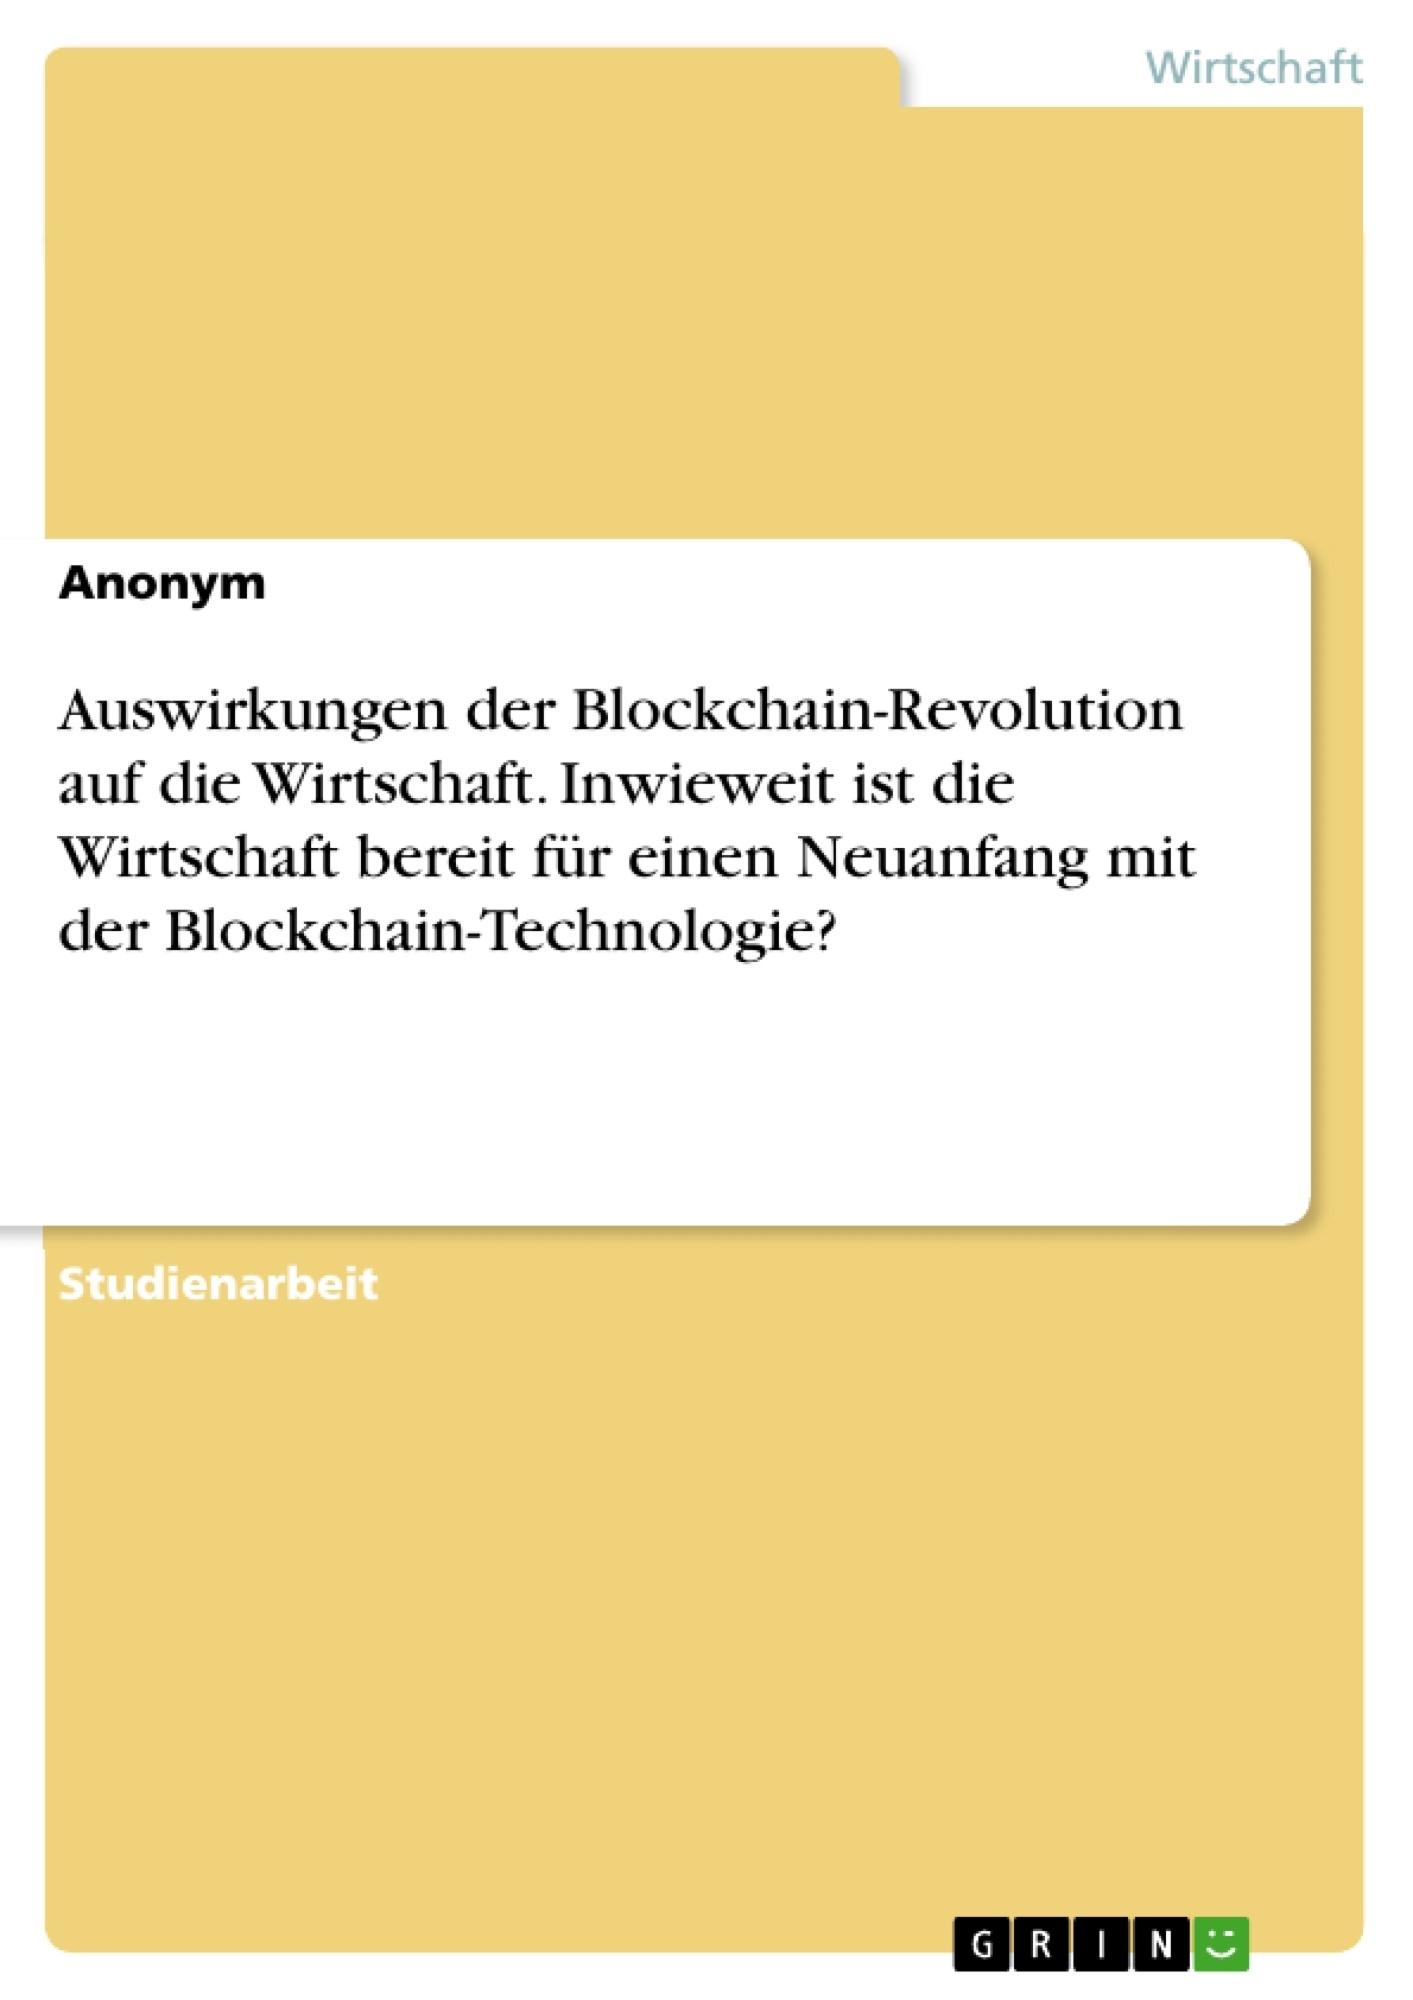 Titel: Auswirkungen der Blockchain-Revolution auf die Wirtschaft. Inwieweit ist die Wirtschaft bereit für einen Neuanfang mit der Blockchain-Technologie?